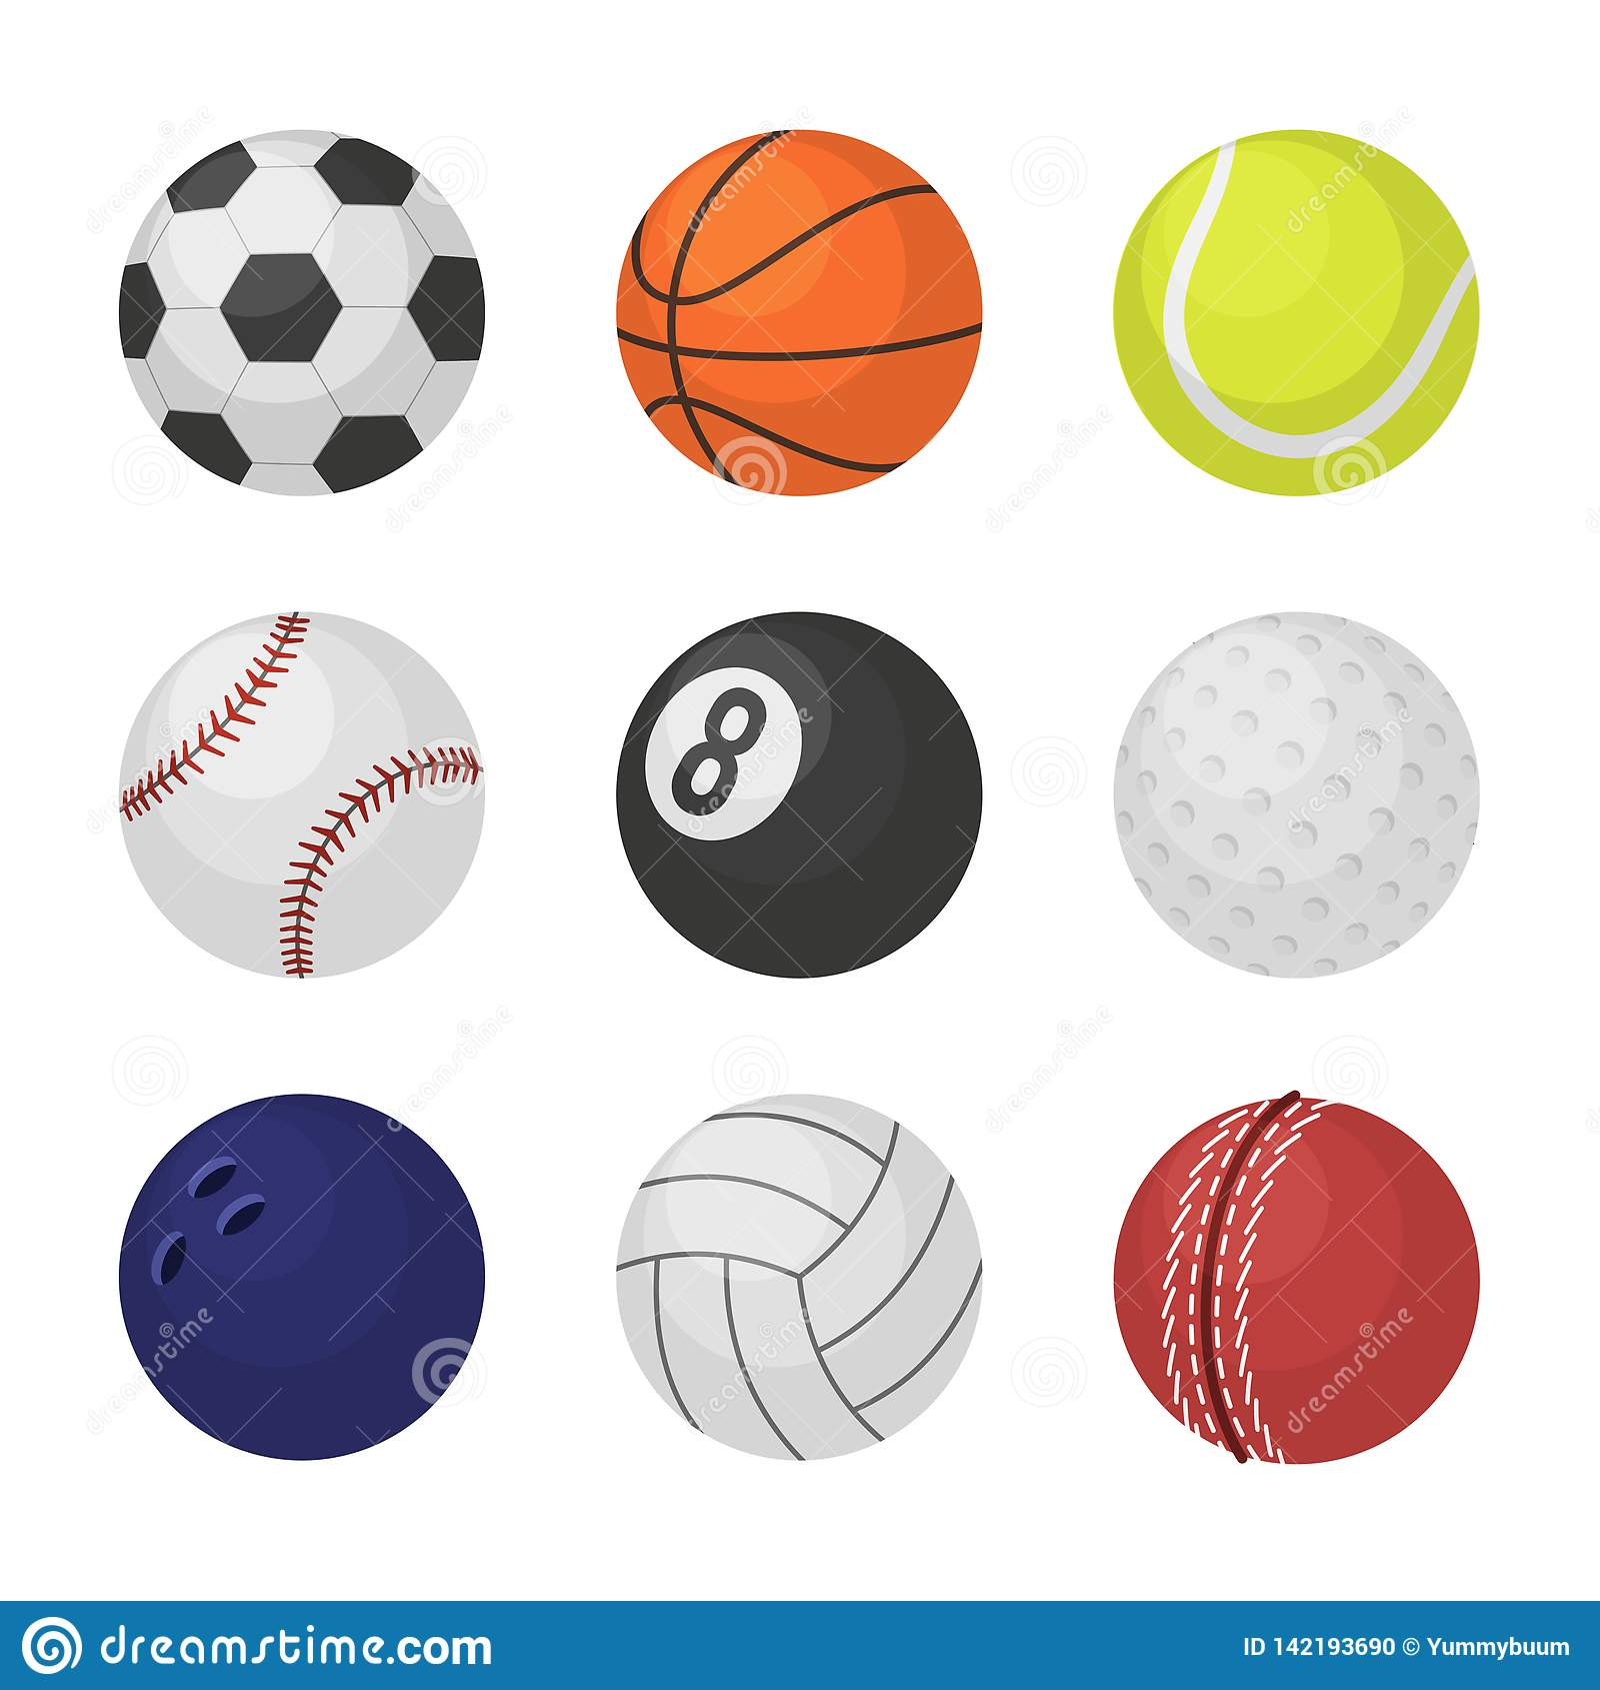 Bollsamling Biljard för syrsa för tennis för basket för fotboll för bollar för lek för sportutrustning som bowlar volleybo